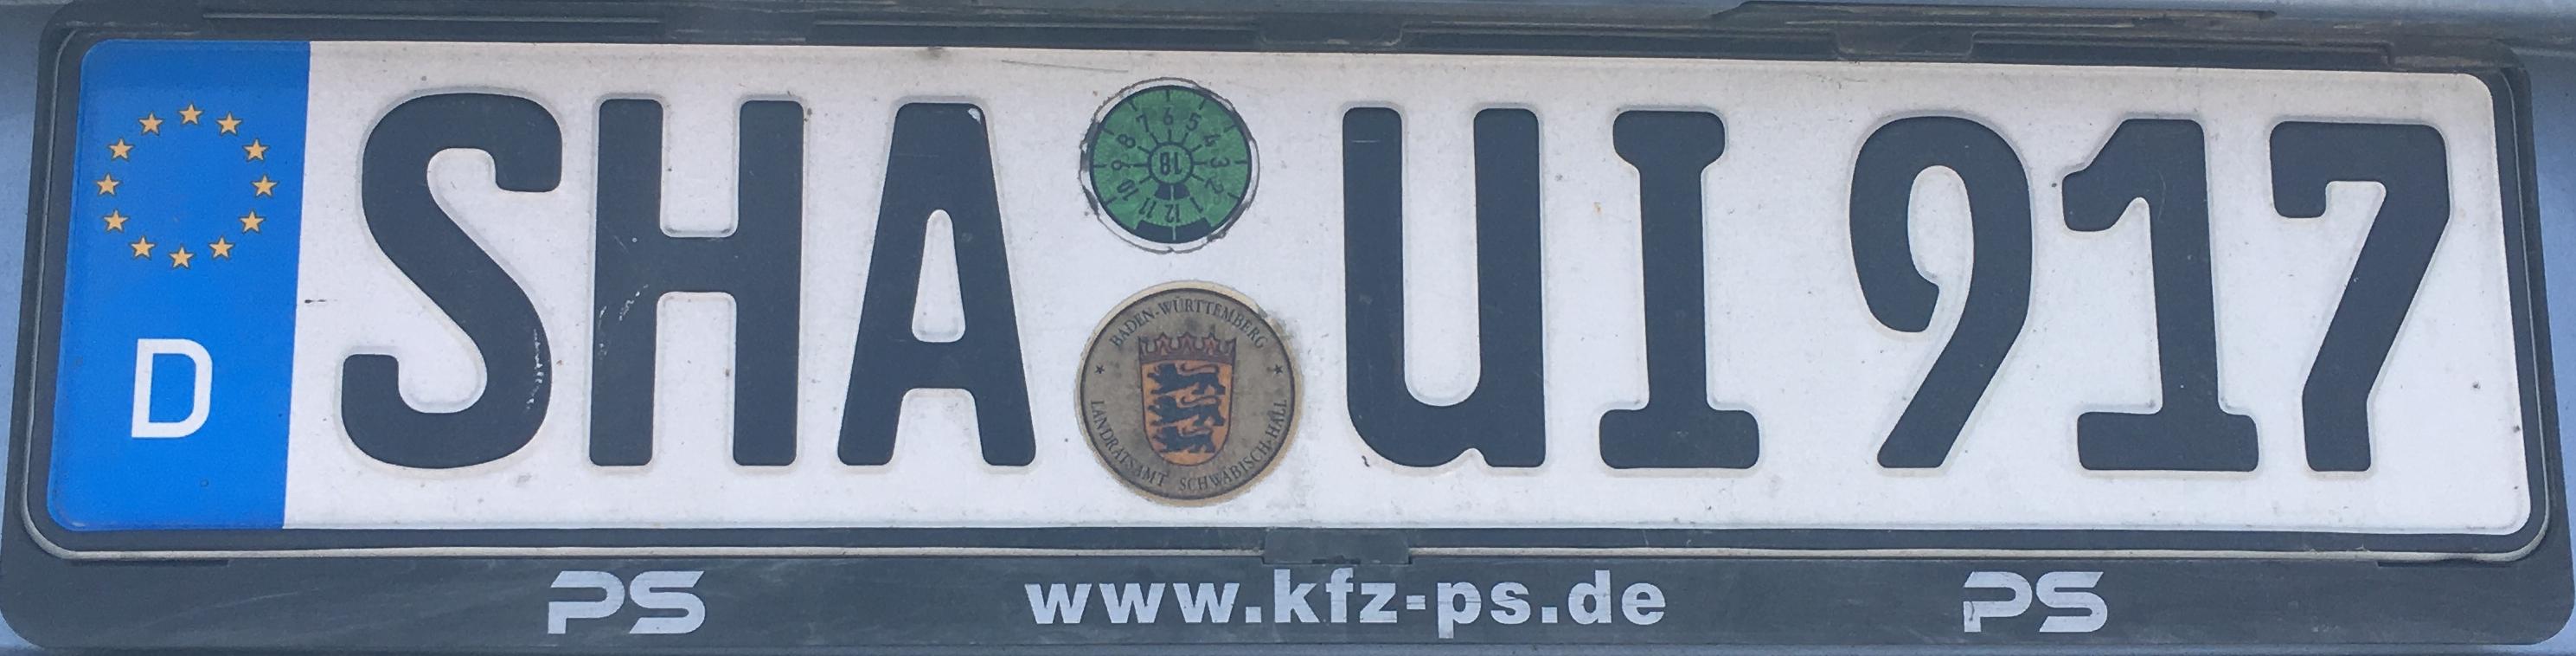 Registrační značky Německo - SHA - Schwäbisch Hall, foto: www.podalnici.cz